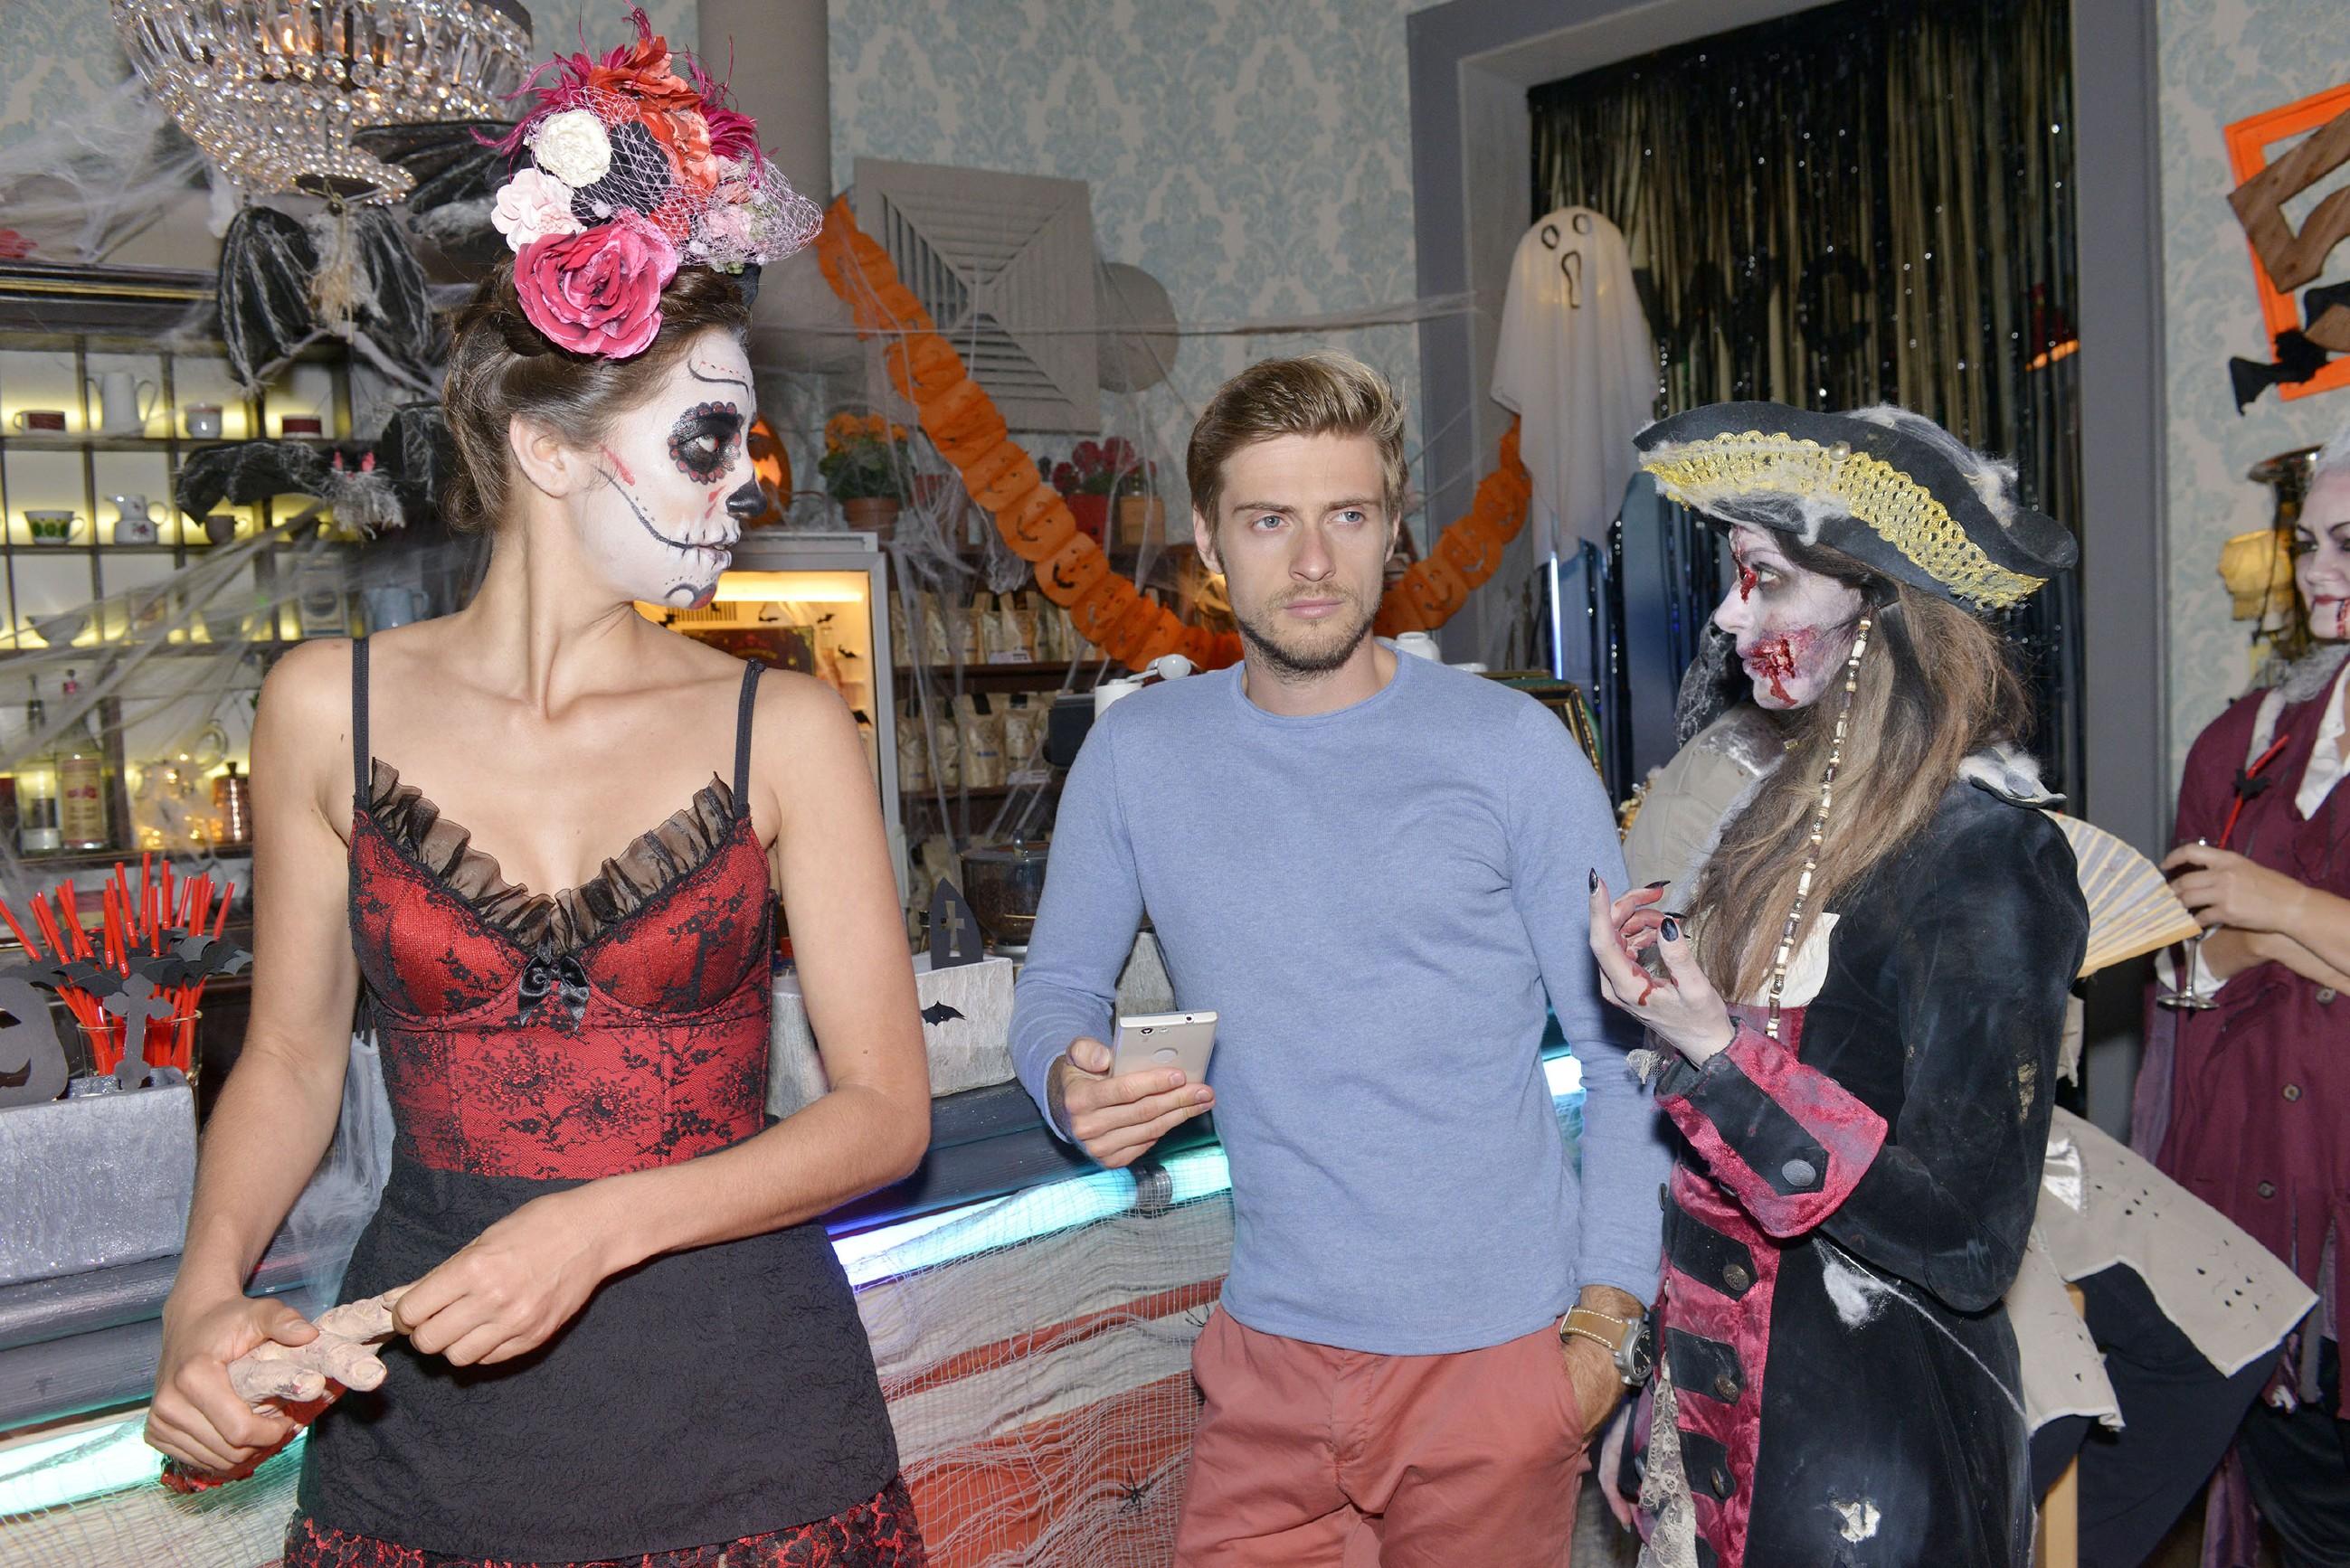 Als Elena (Elena Garcia Gerlach, l.) mitbekommt, wie Emily (Anne Menden) vergeblich versucht, Philip (Jörn Schlönvoigt) zu beruhigen, wird ihr klar, dass ihre Intrige aus dem Ruder geraten ist...